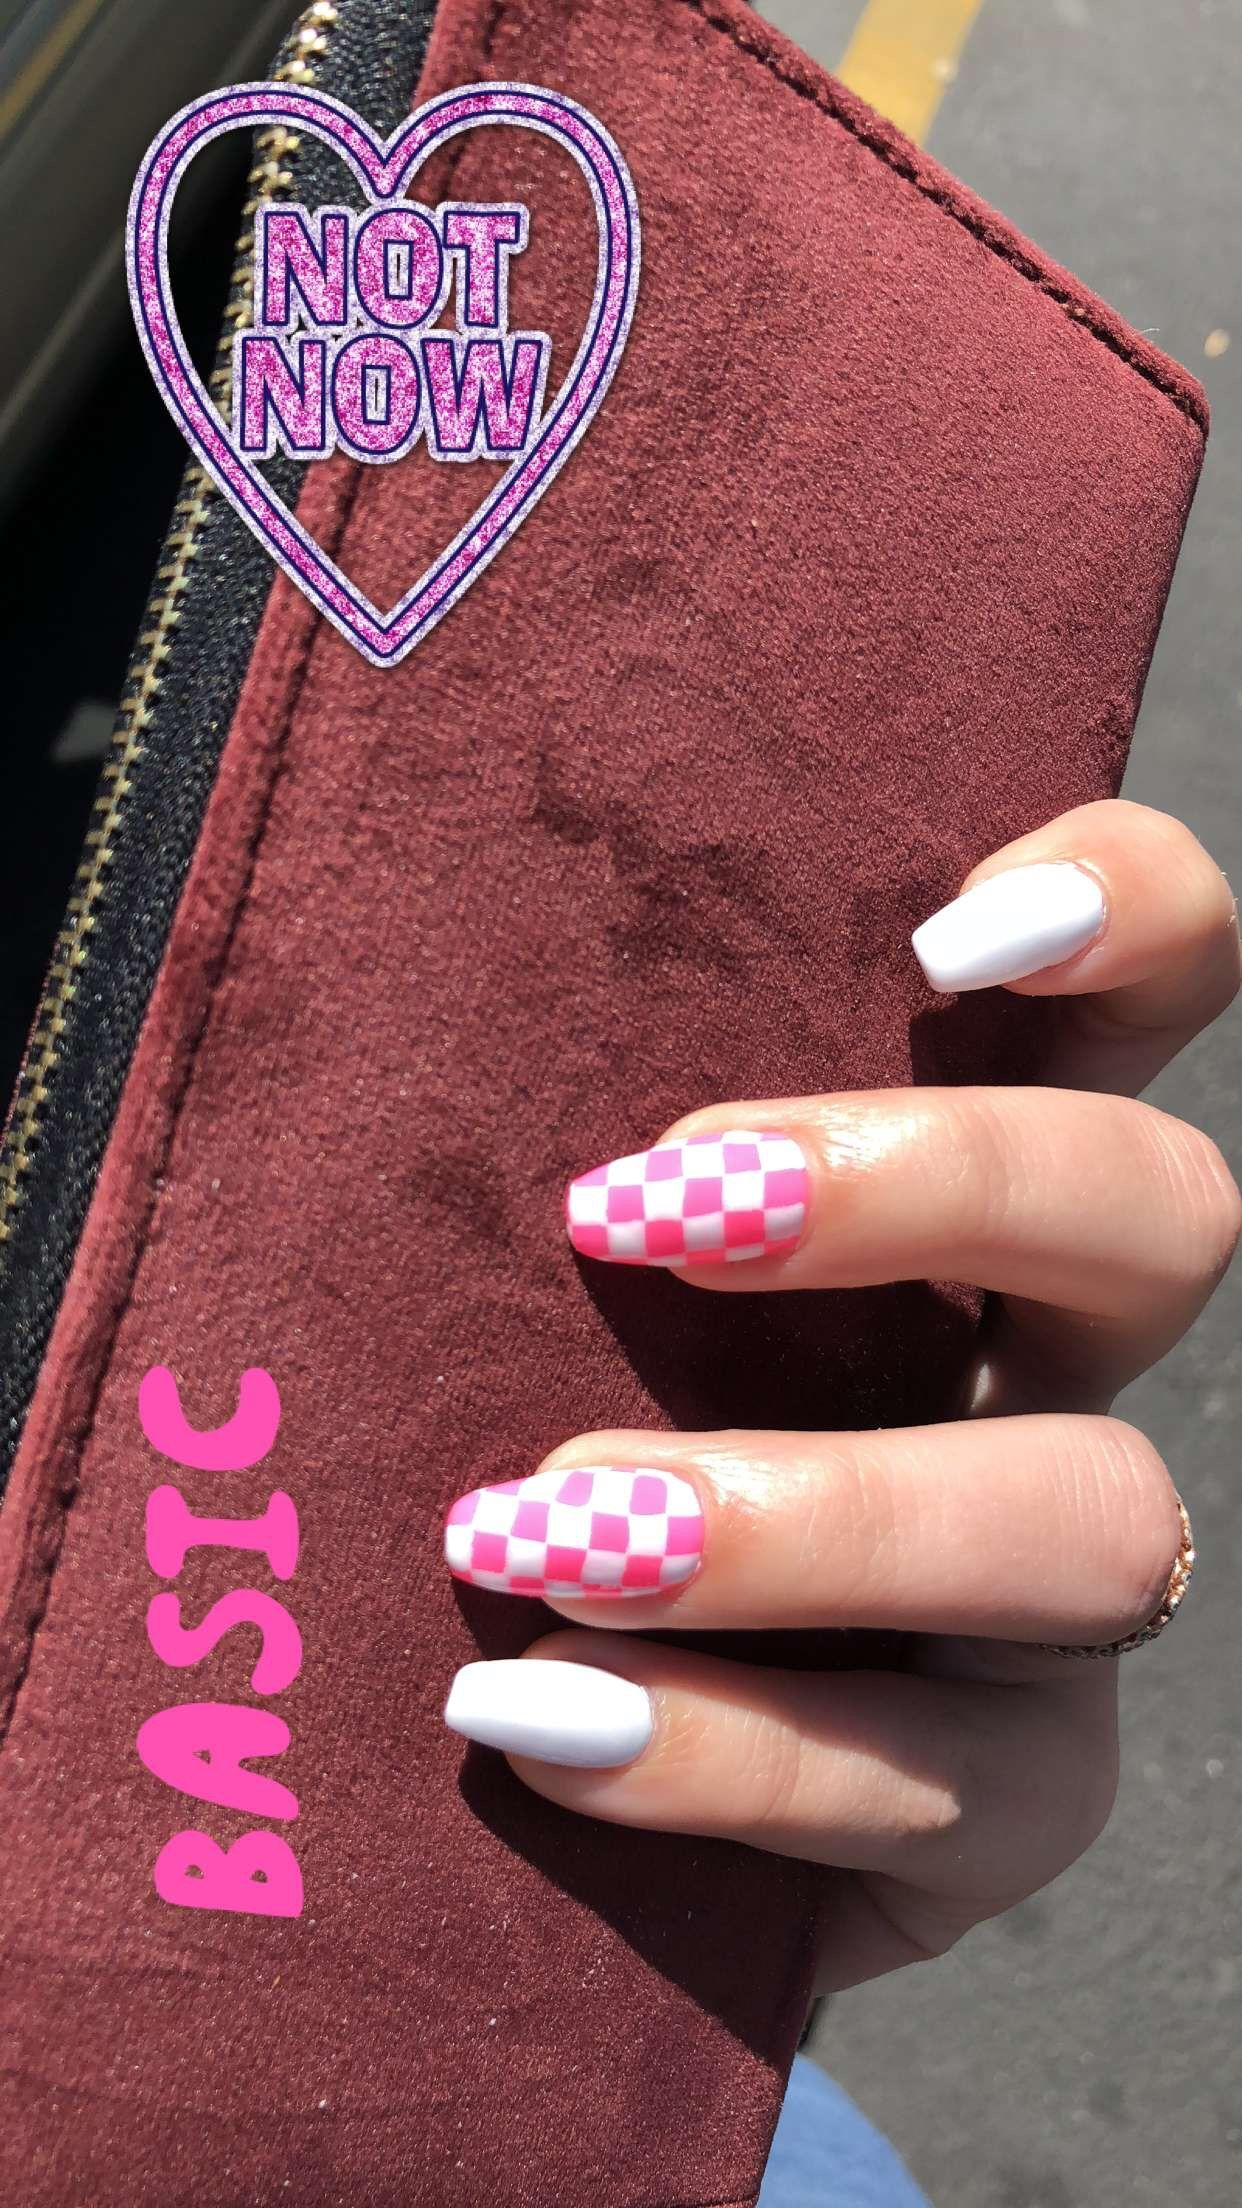 Checkered Checkered Nails Acrylic Nails Fire Nails